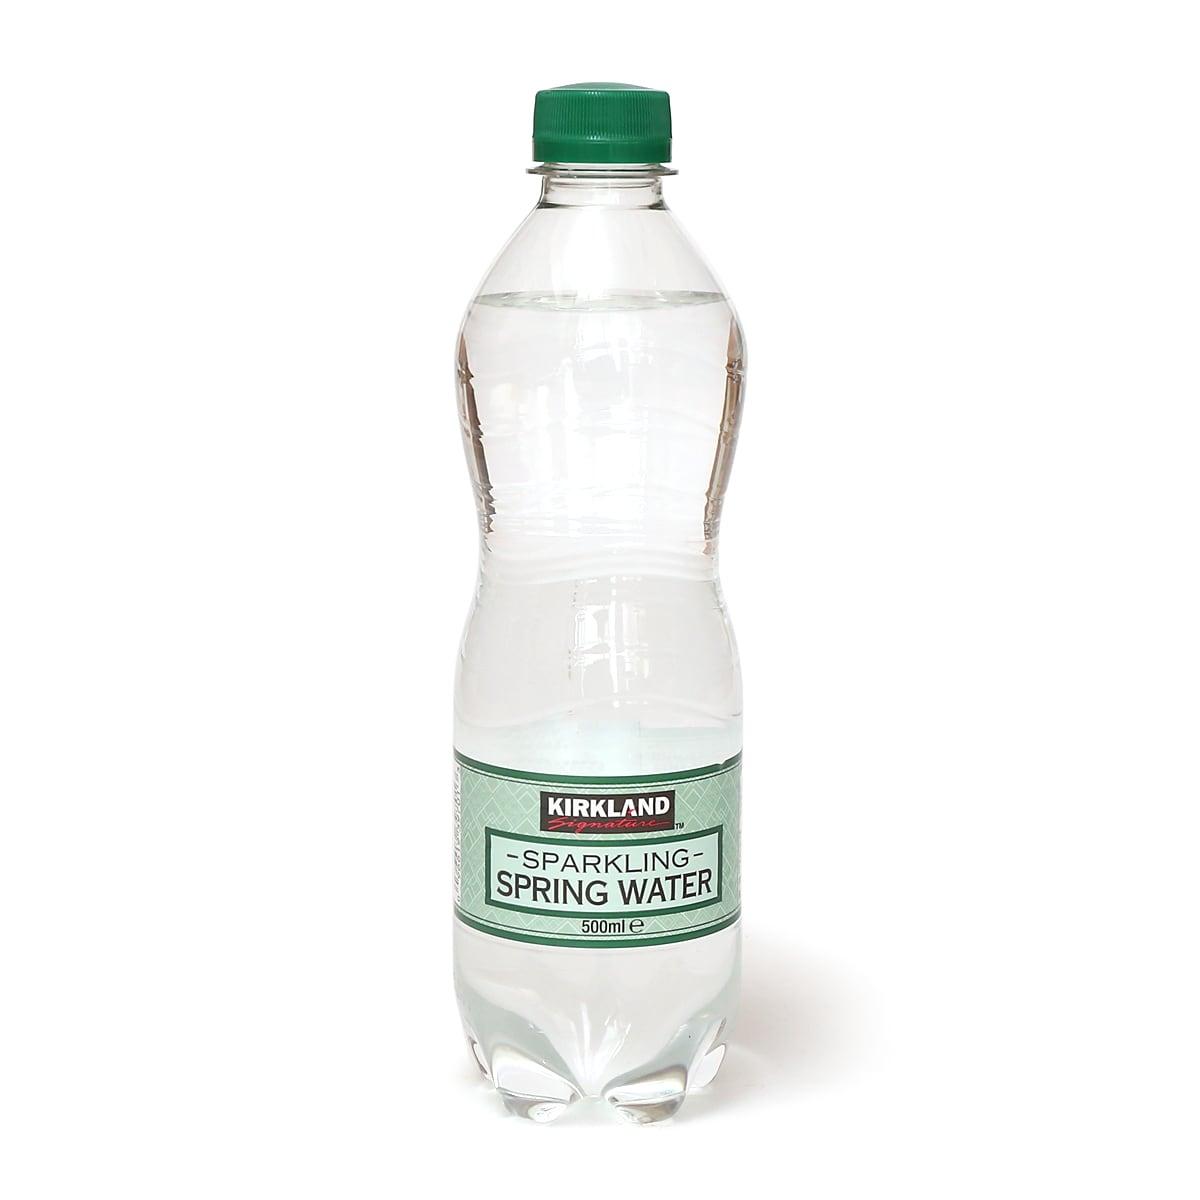 カークランド 天然炭酸水(スパークリングスプリングウォーター)500ml(1本)